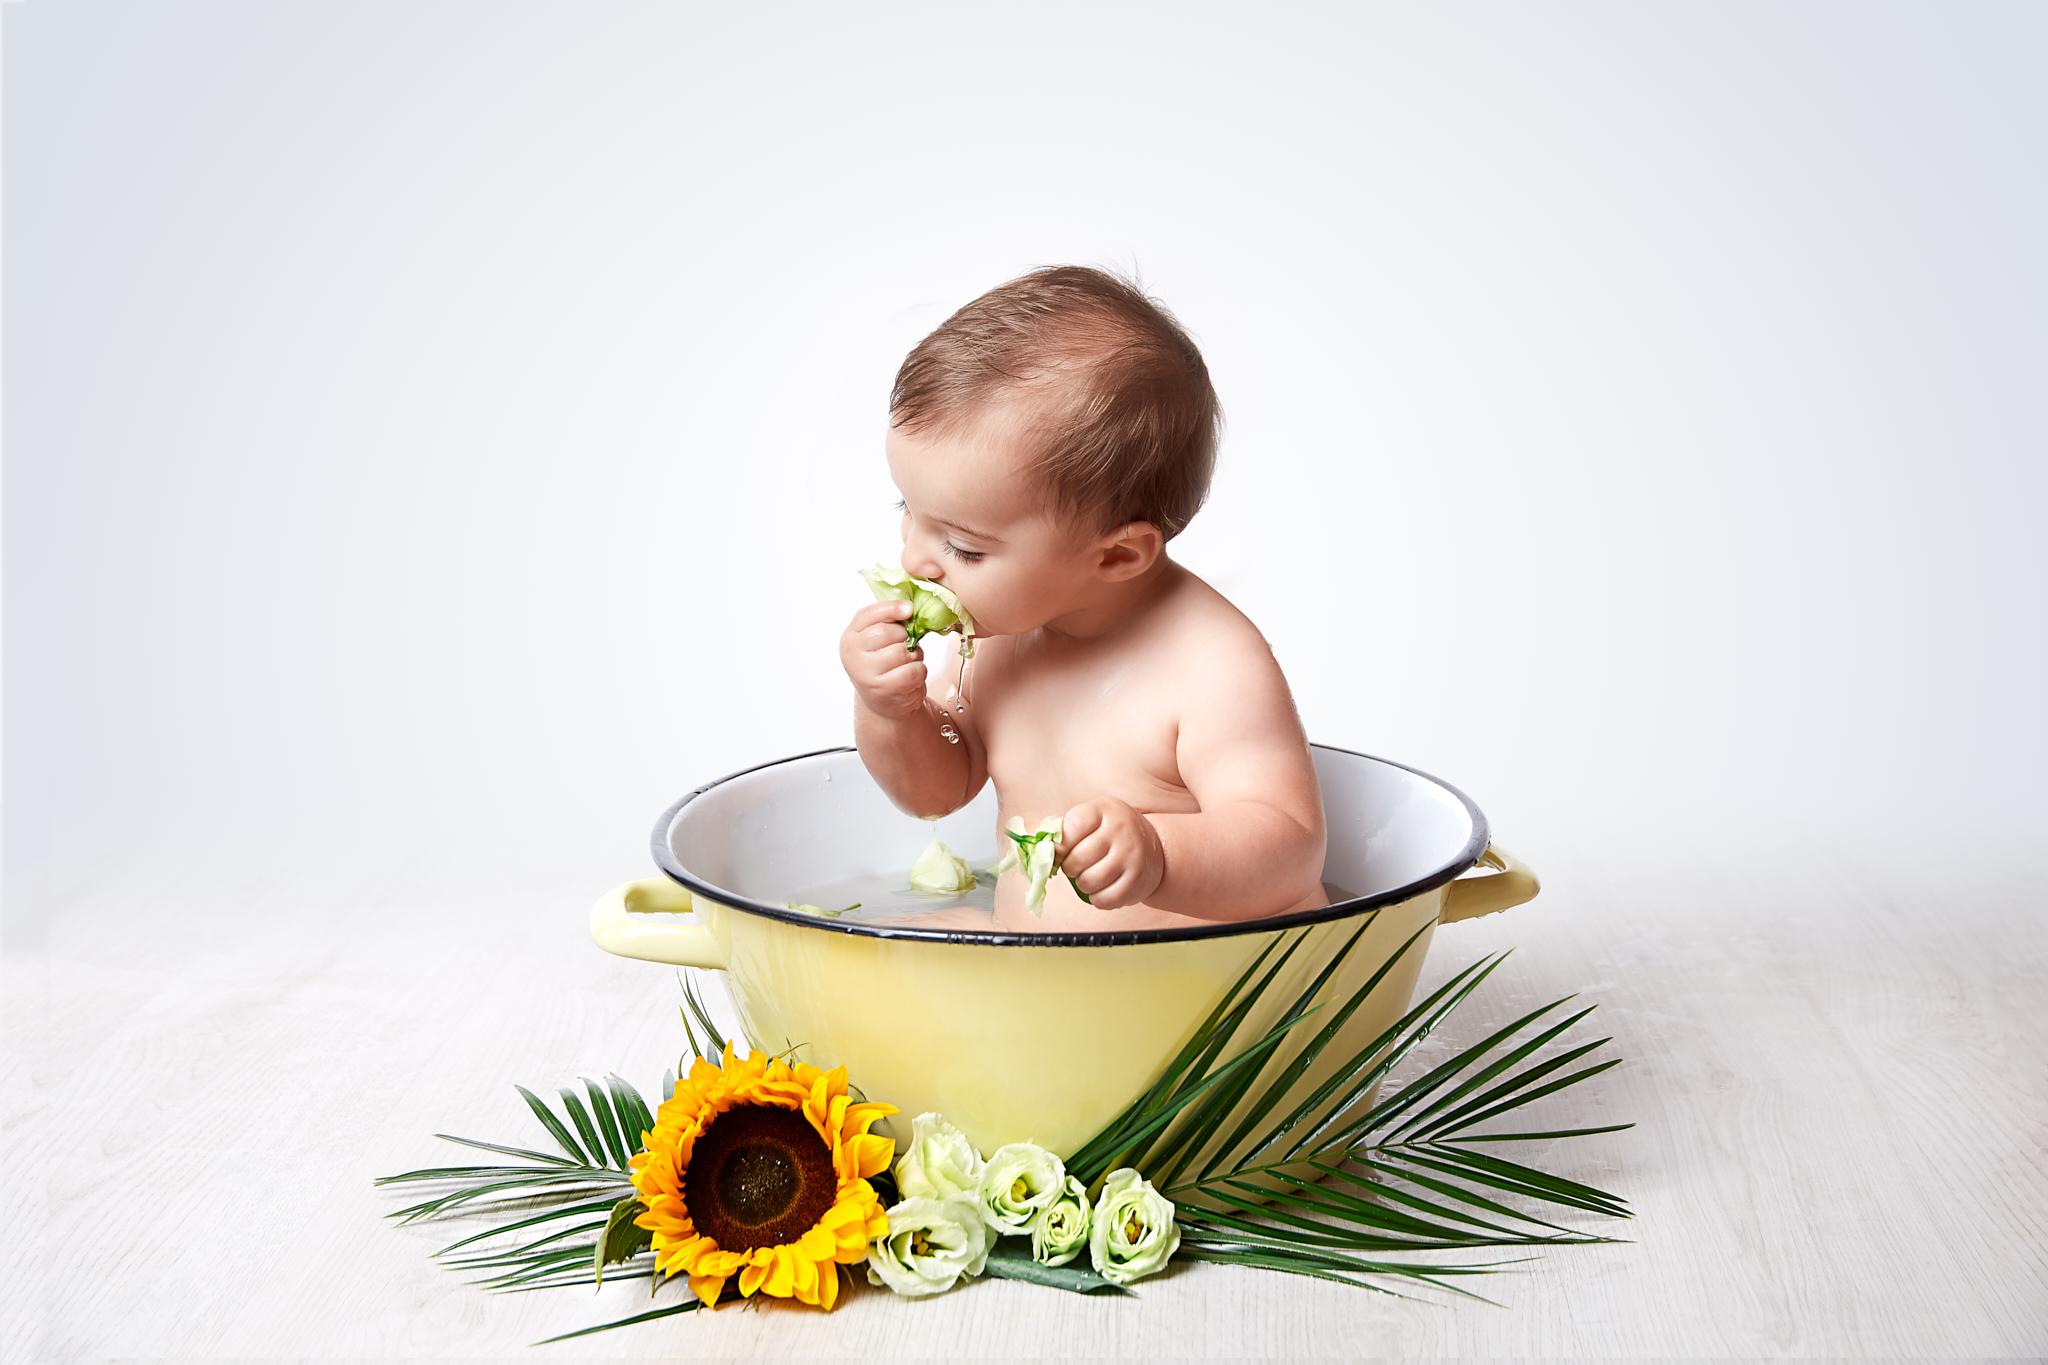 Copie de photo bébé valence